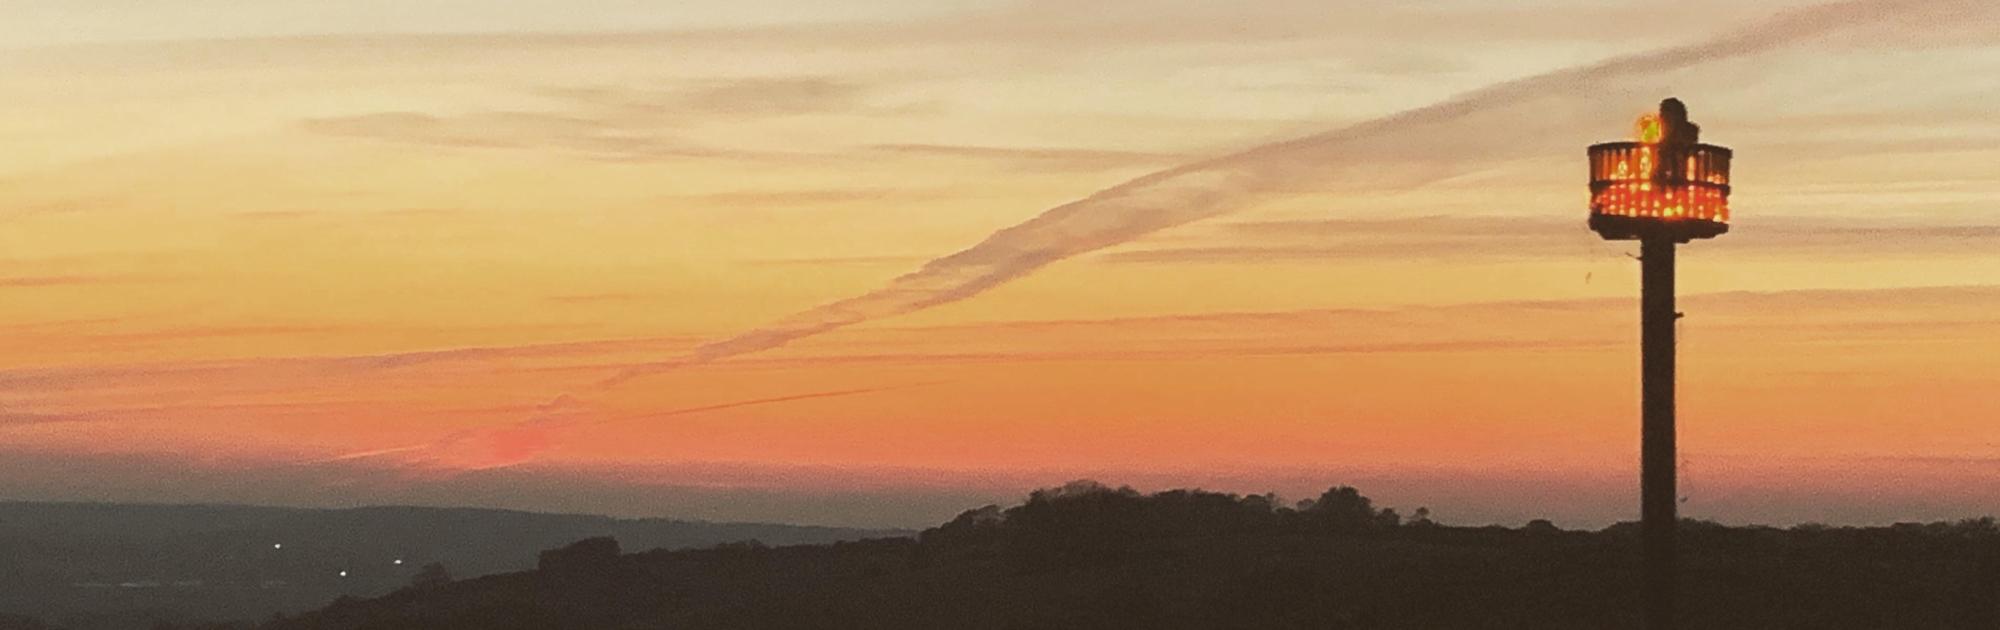 Beacon at sunset